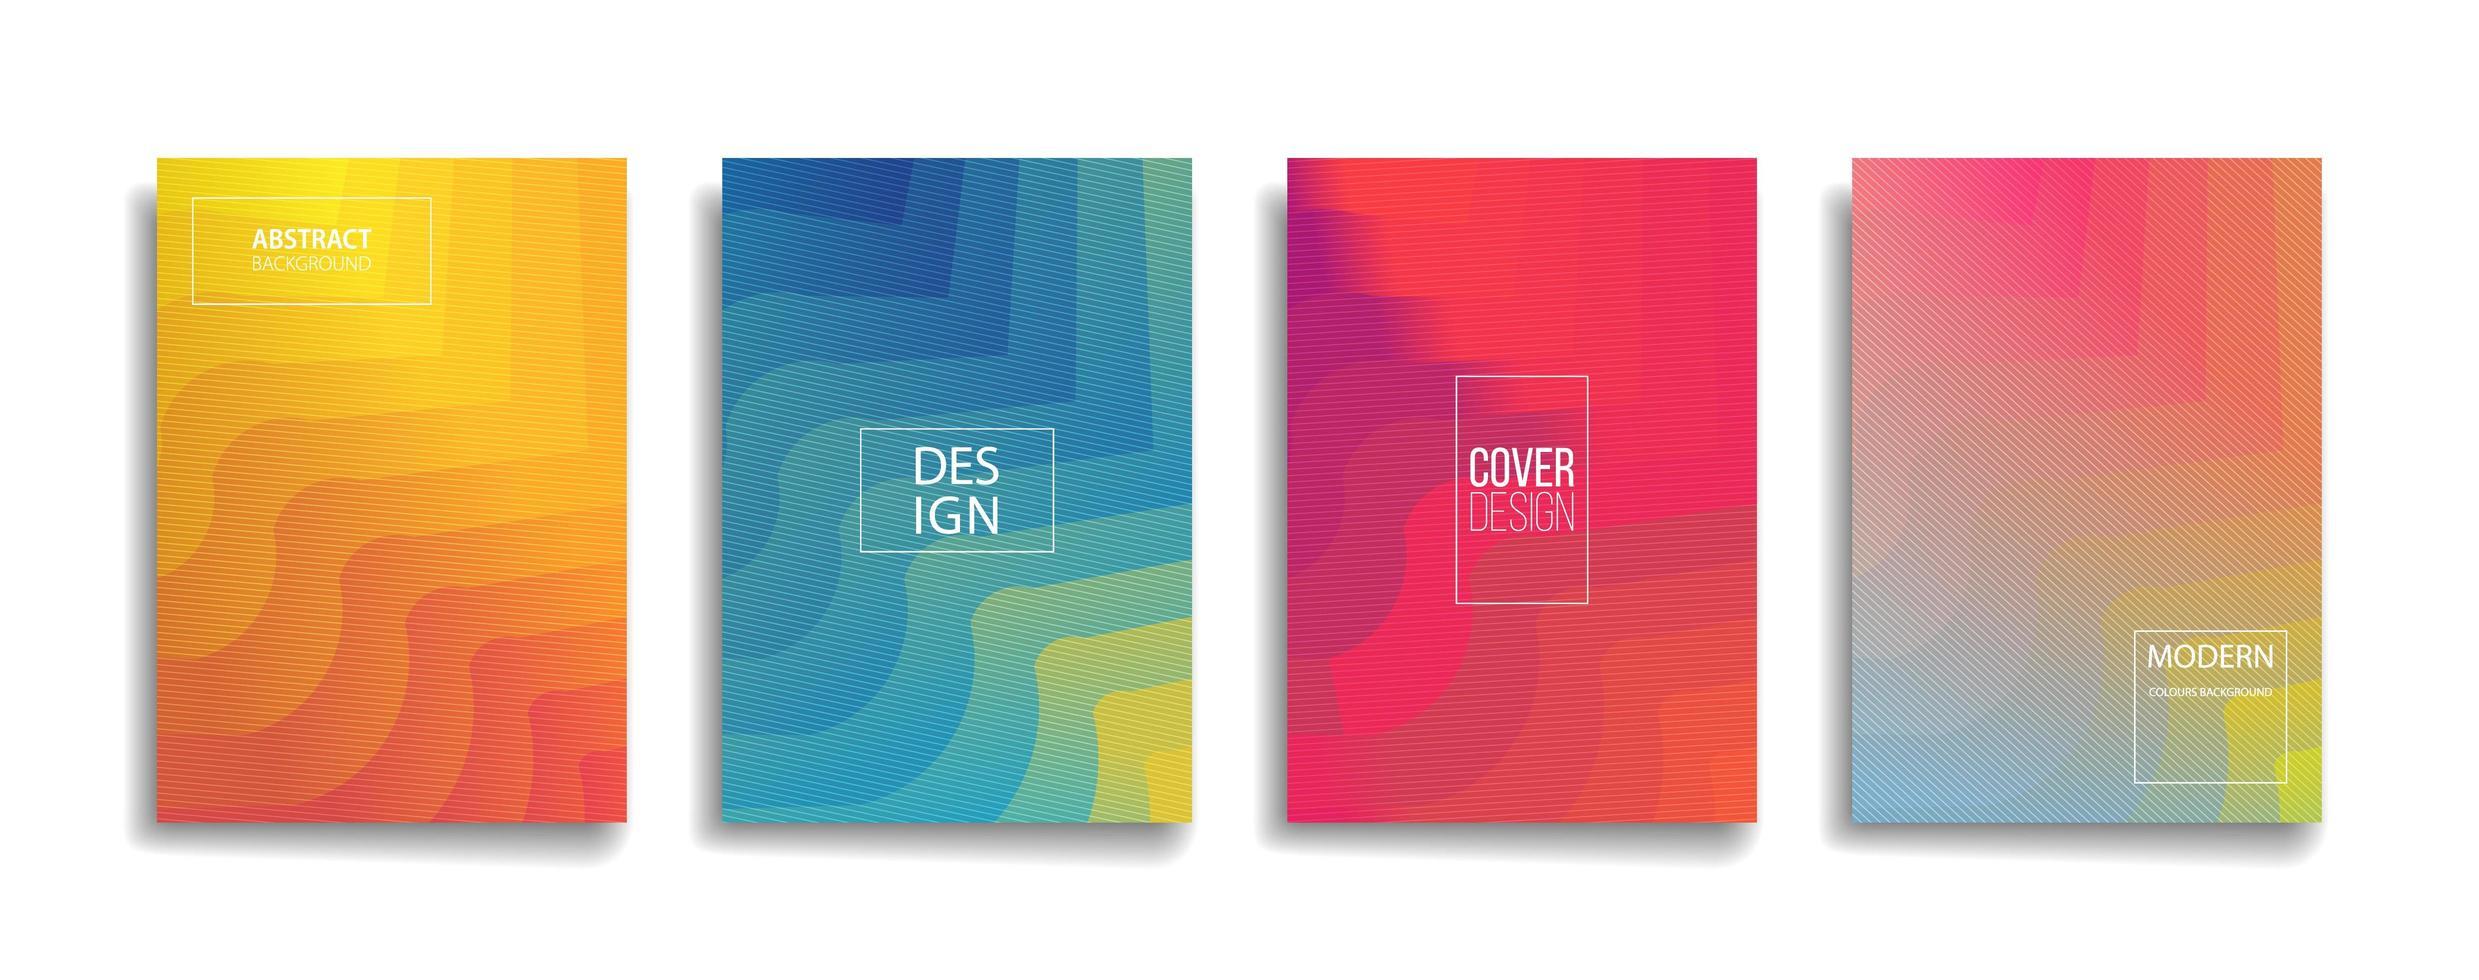 conception de couverture de fond de motif de ligne abstraite couleur dégradé lumineux vecteur